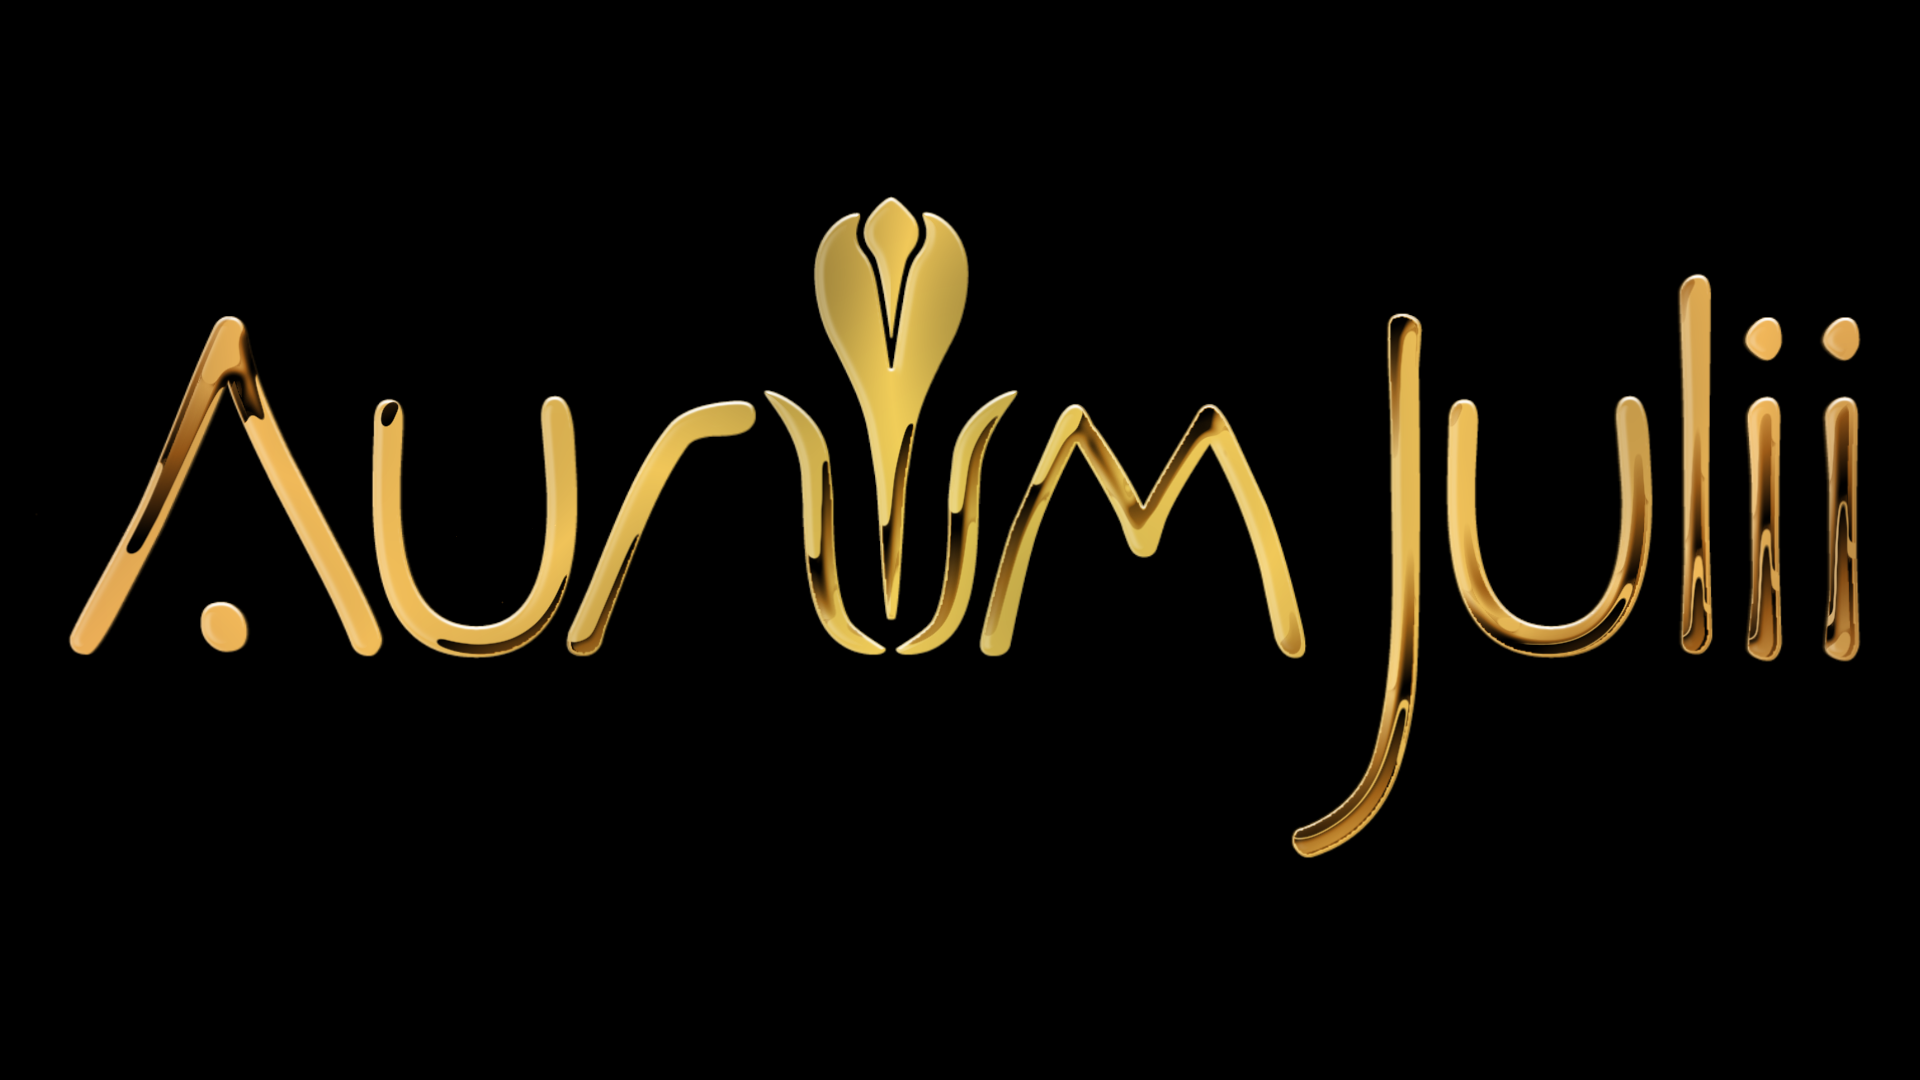 logo aurum julii